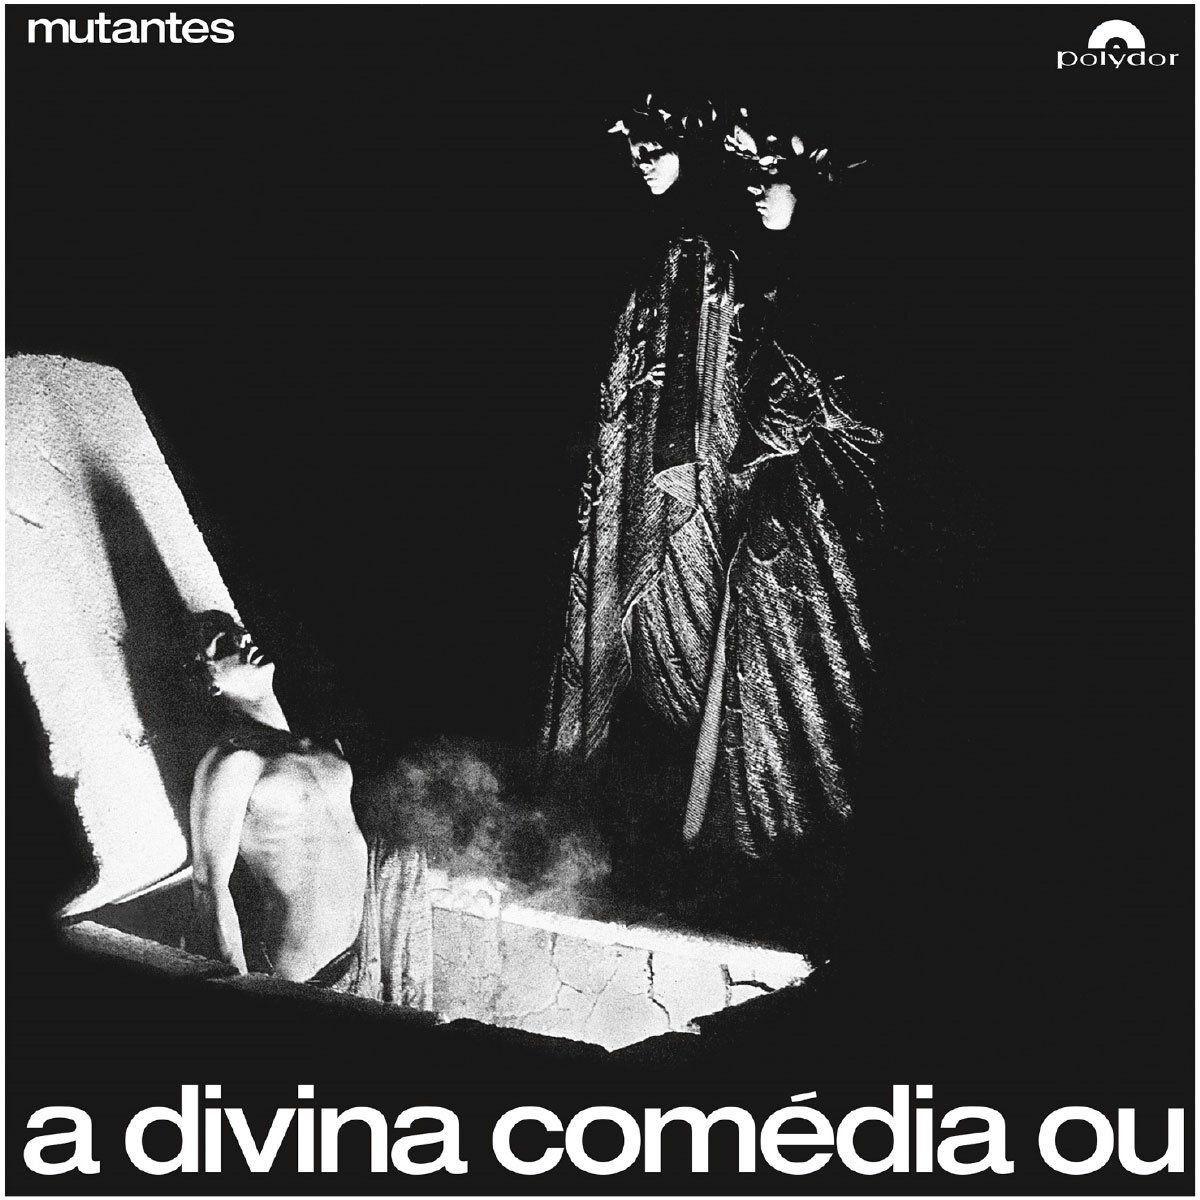 LP Os Mutantes A Divina Comédia Ou Ando Meio Desligado  - bandUP Store Marketplace